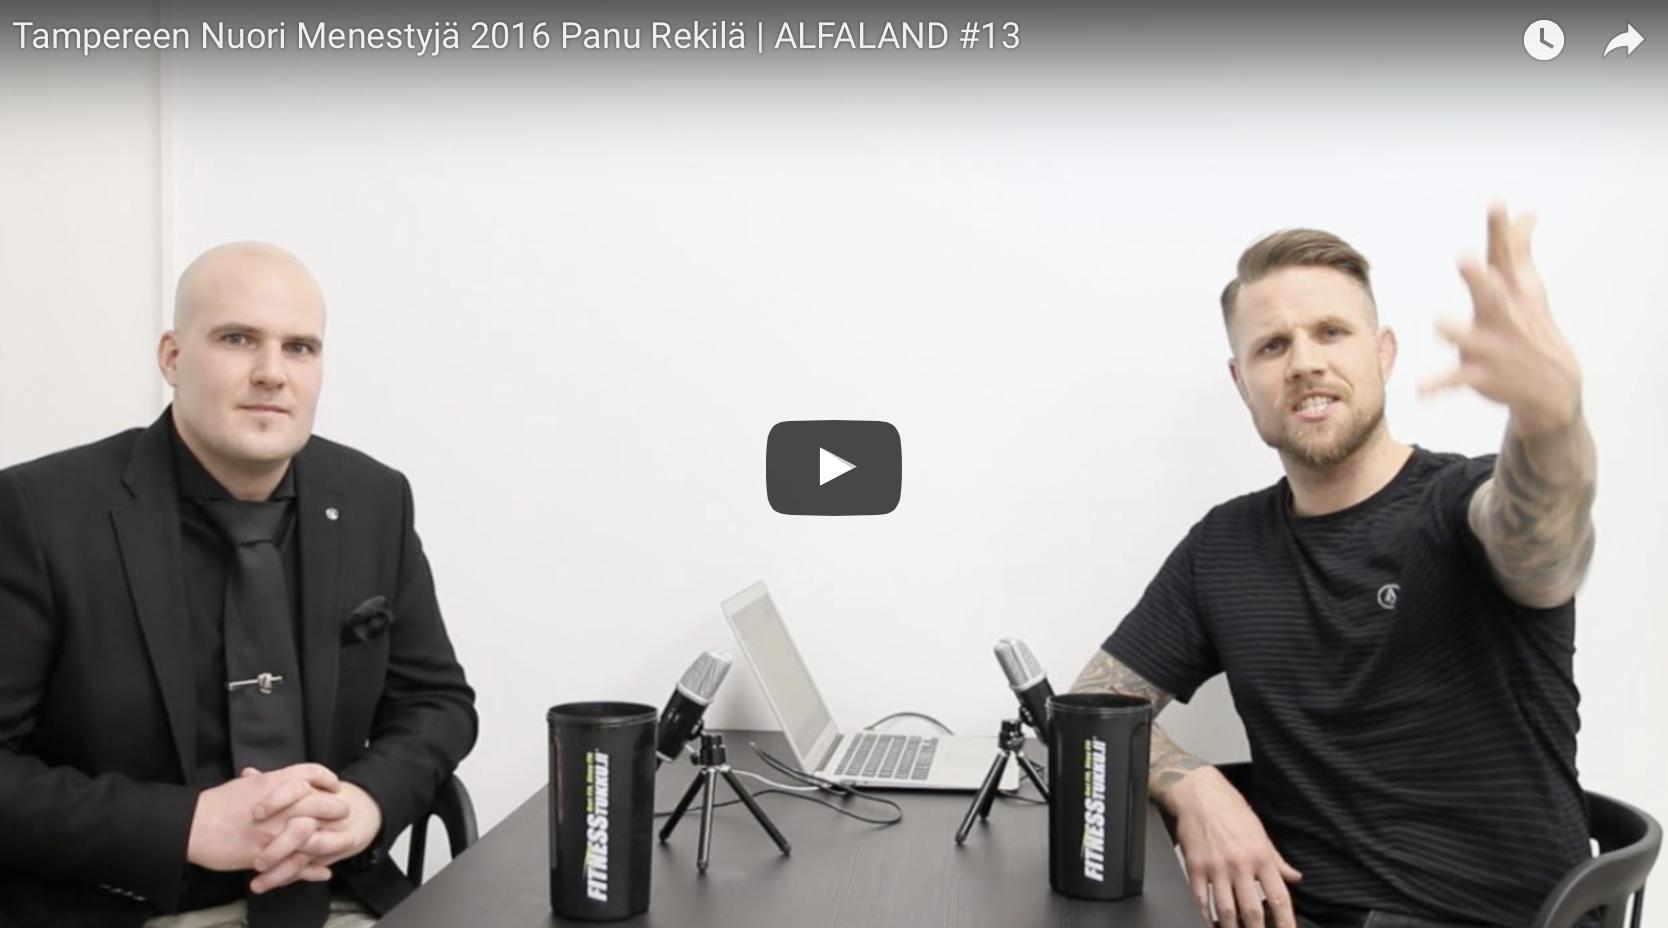 Tampereen Nuori Menestyjä 2016 Panu Rekilä | ALFALAND #13